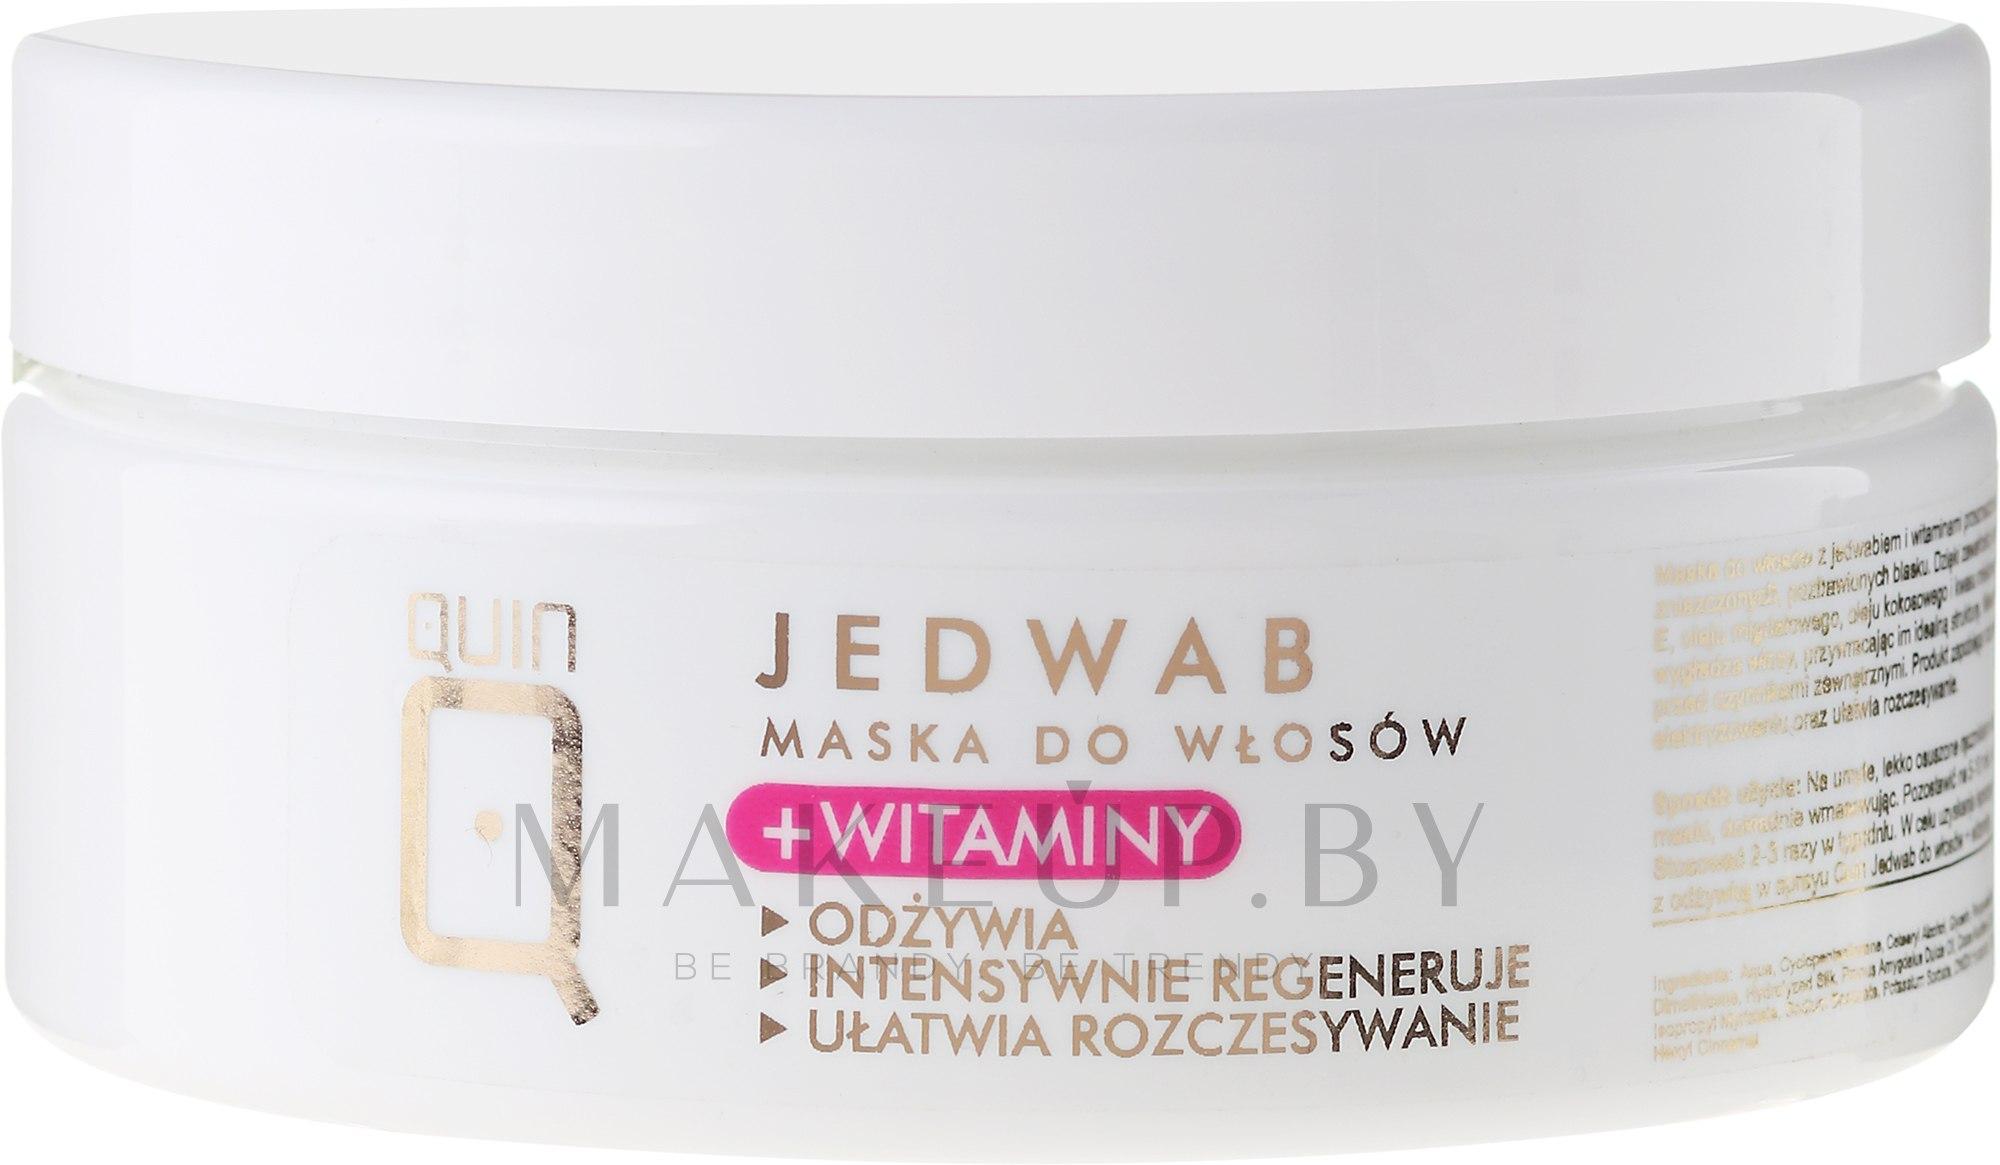 Лучшие укрепляющие маски для волос с витаминами в6 и в12 для роста волос в домашних условиях